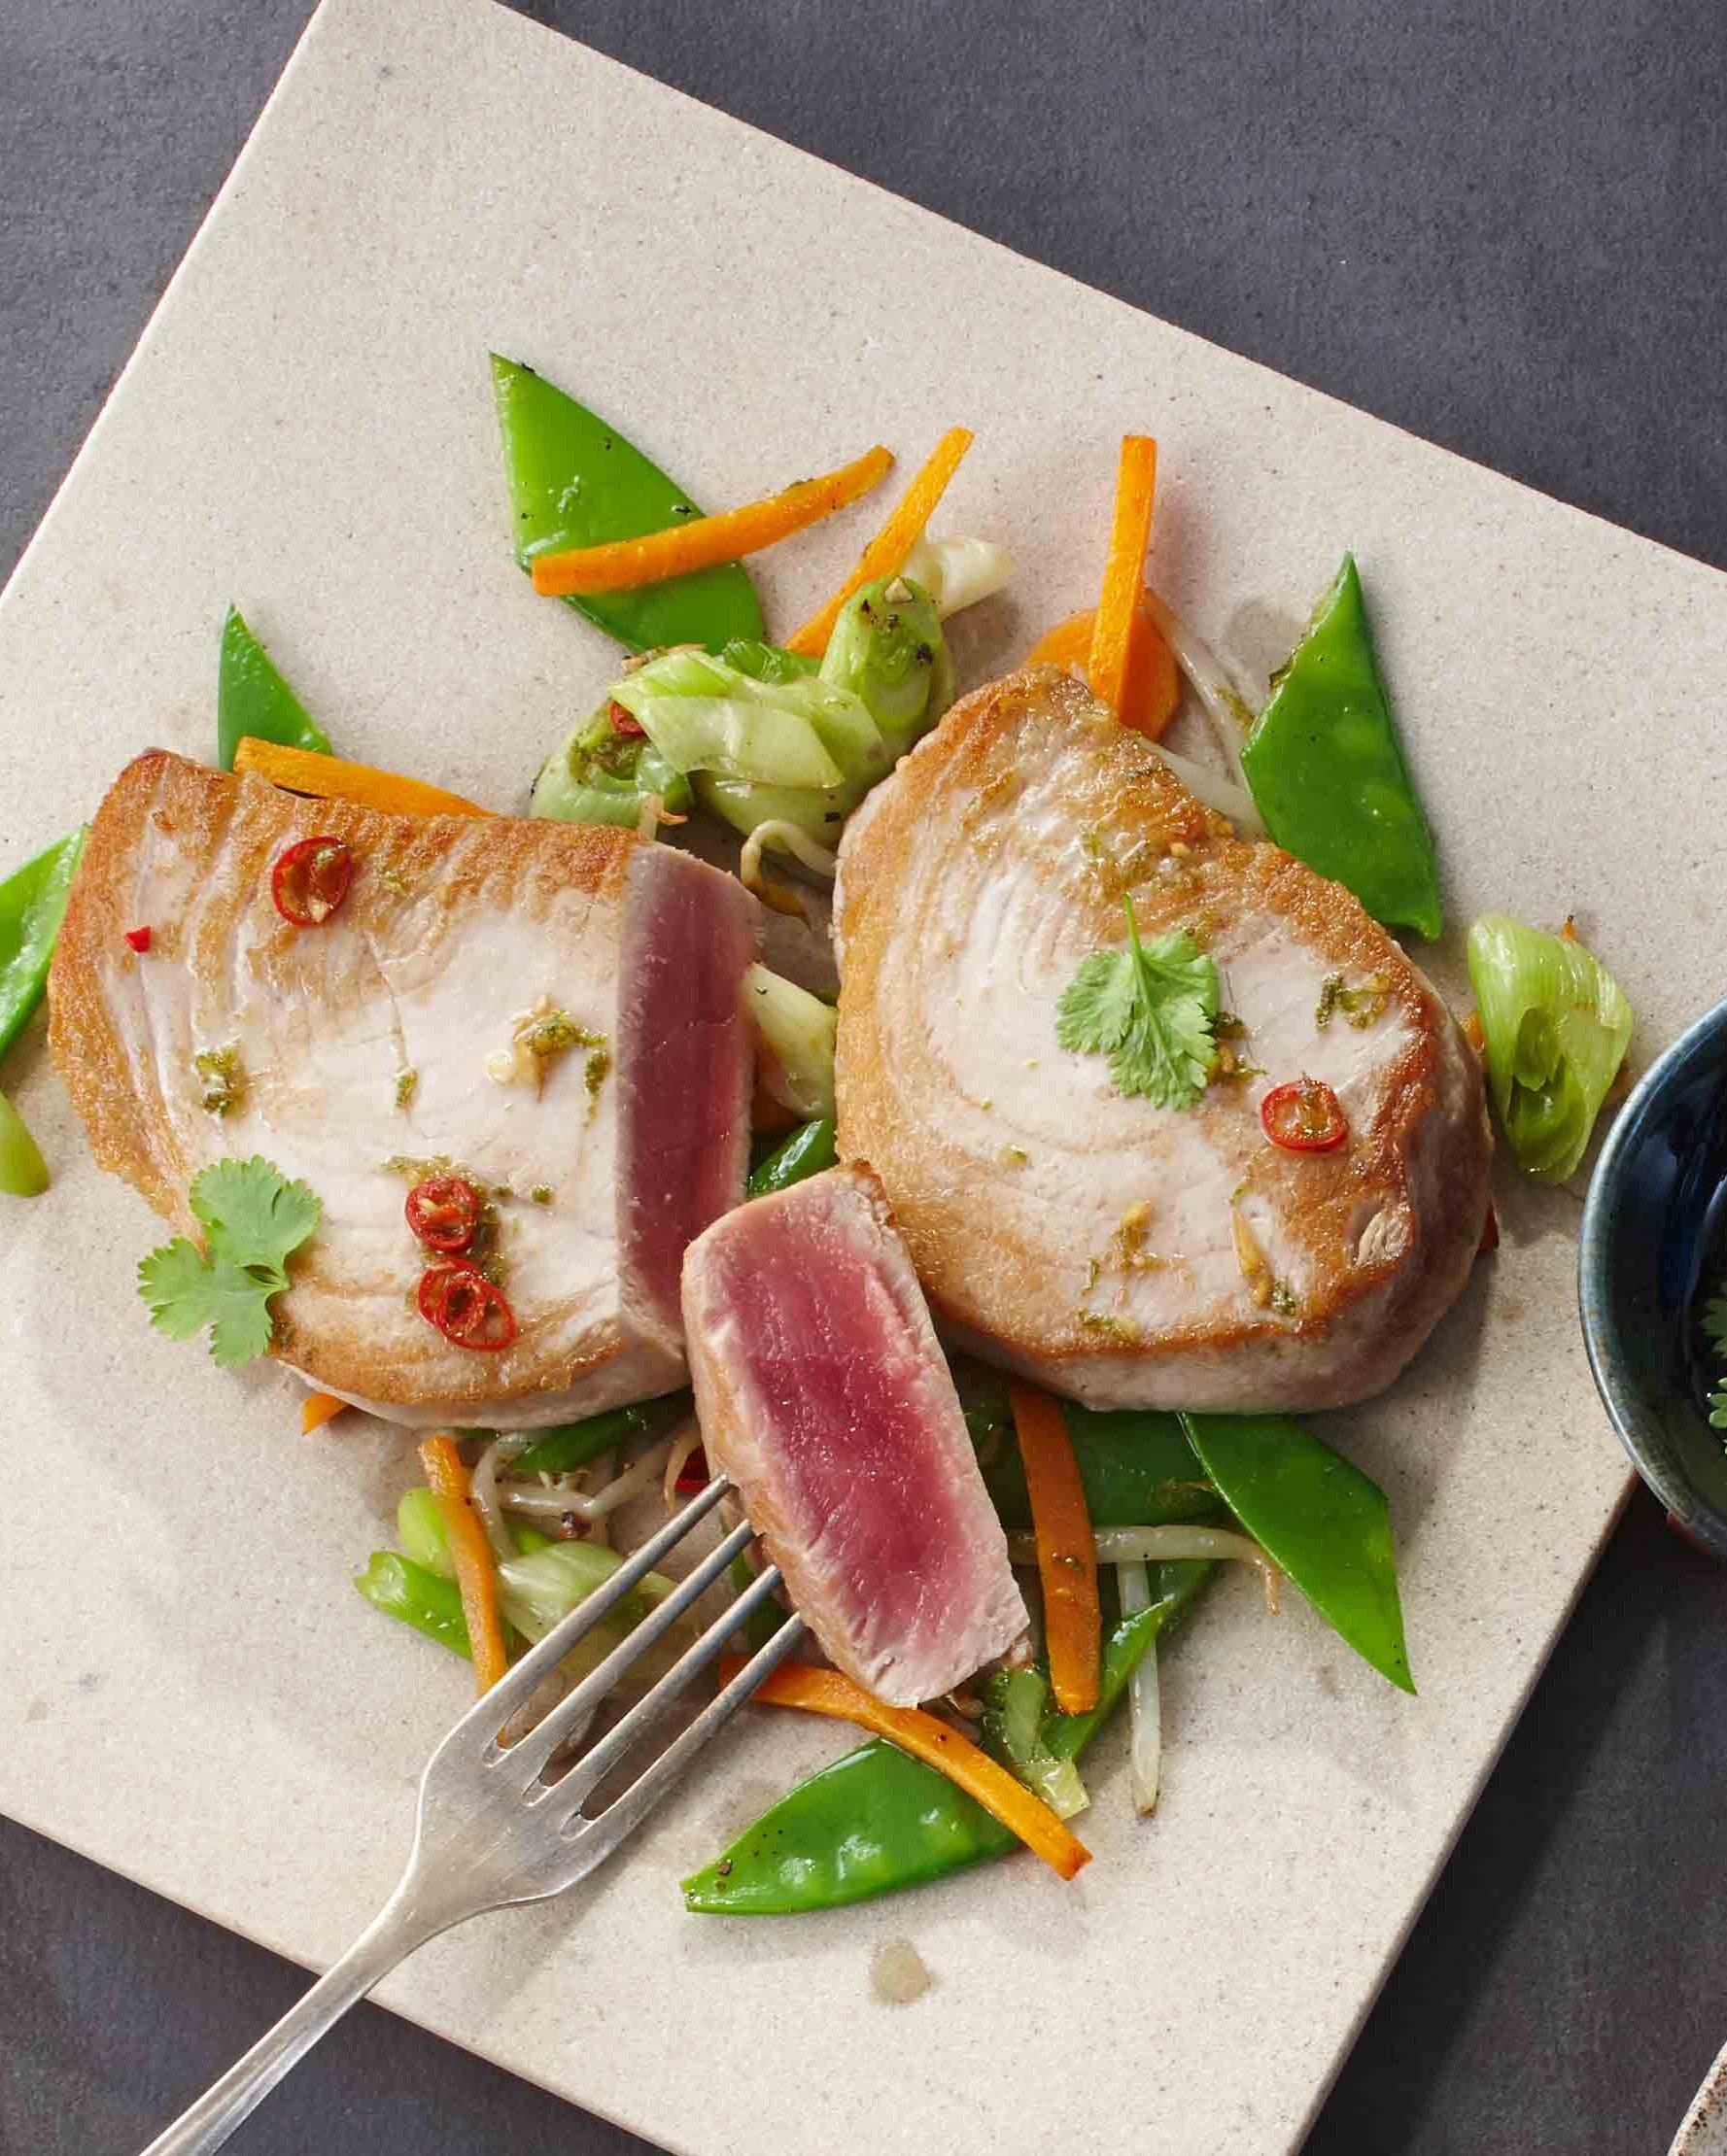 NORDSEE Rezept: Thunfischsteak mit Möhren, Frühlingszwiebeln, Mungobohnensprossen in Teriyaki-Sauce